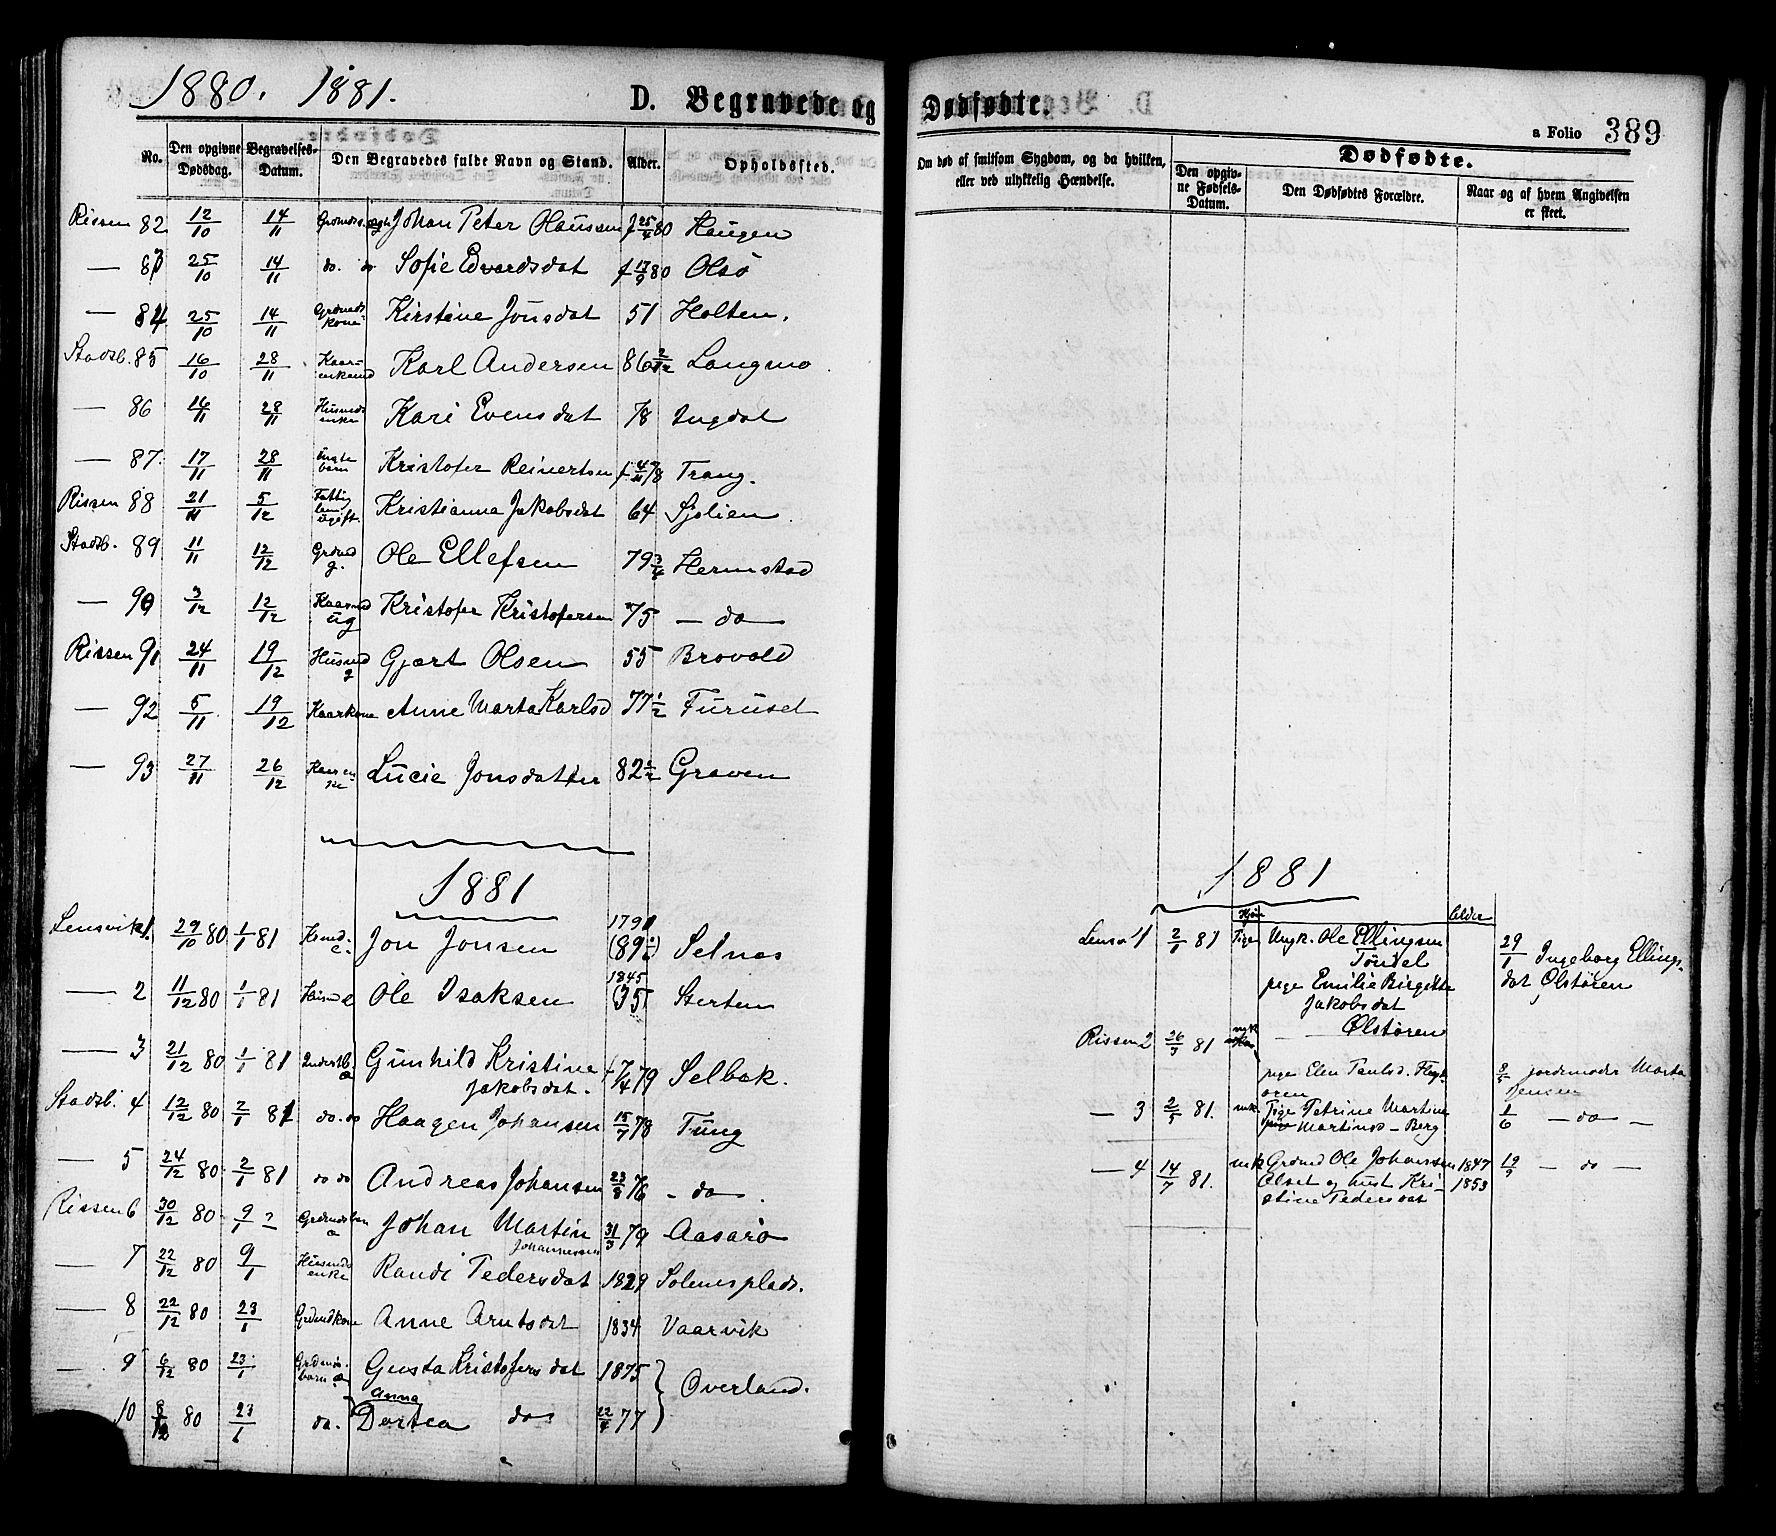 SAT, Ministerialprotokoller, klokkerbøker og fødselsregistre - Sør-Trøndelag, 646/L0613: Ministerialbok nr. 646A11, 1870-1884, s. 389